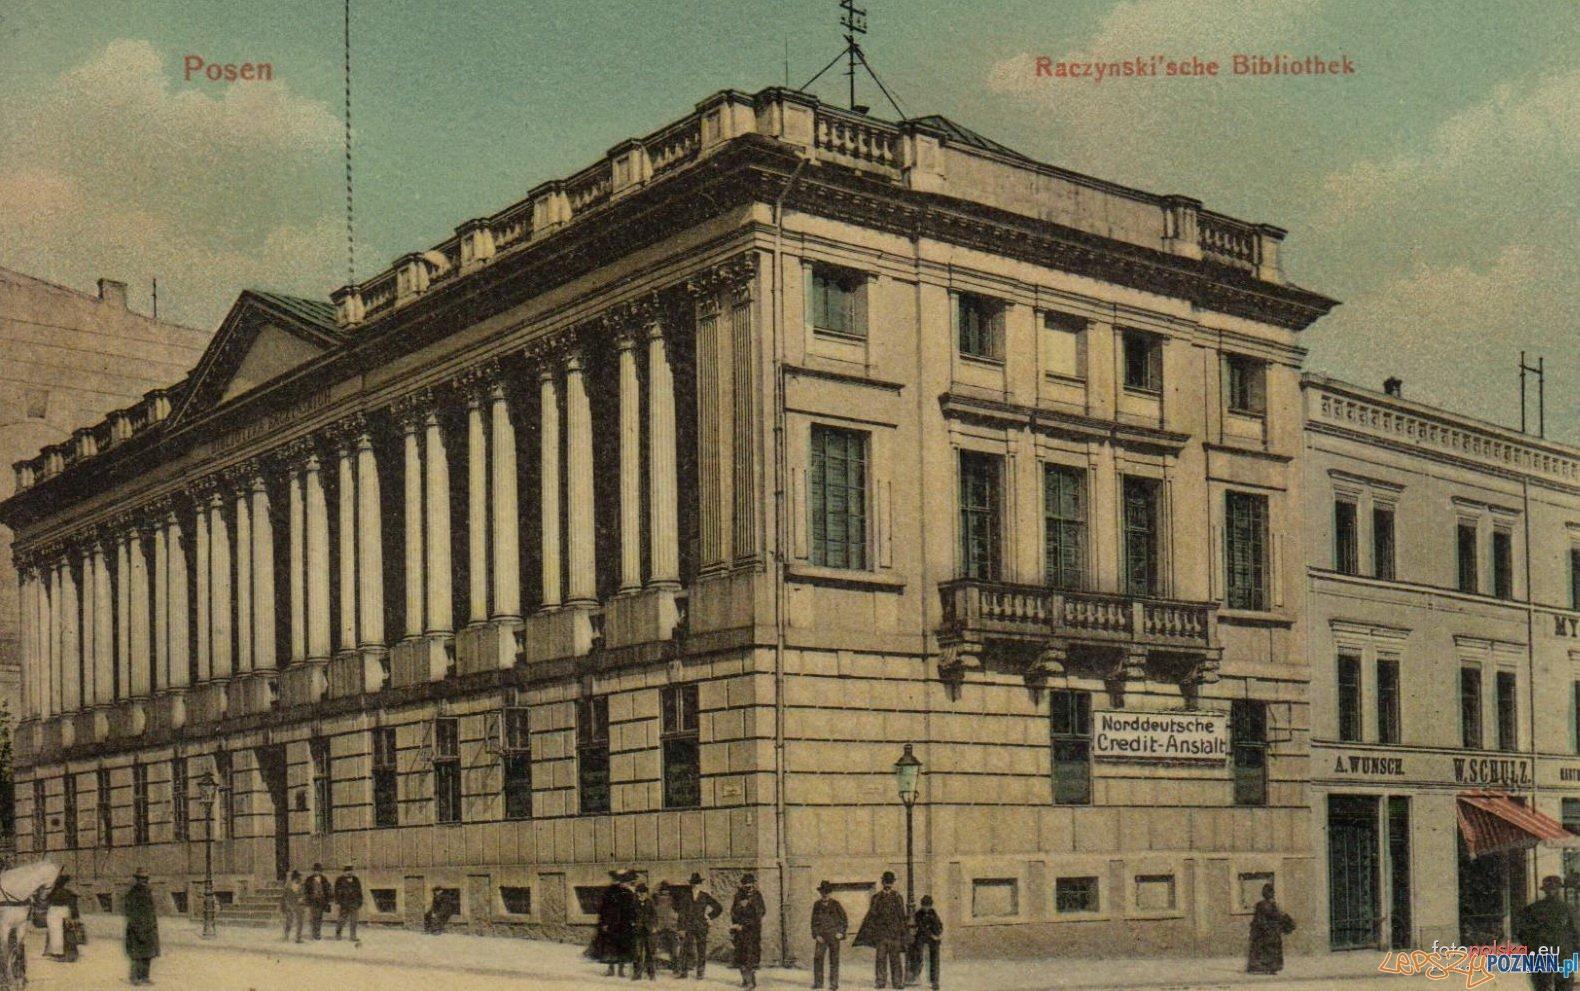 Biblioteka Raczynskich 1912  Foto: fotopolska